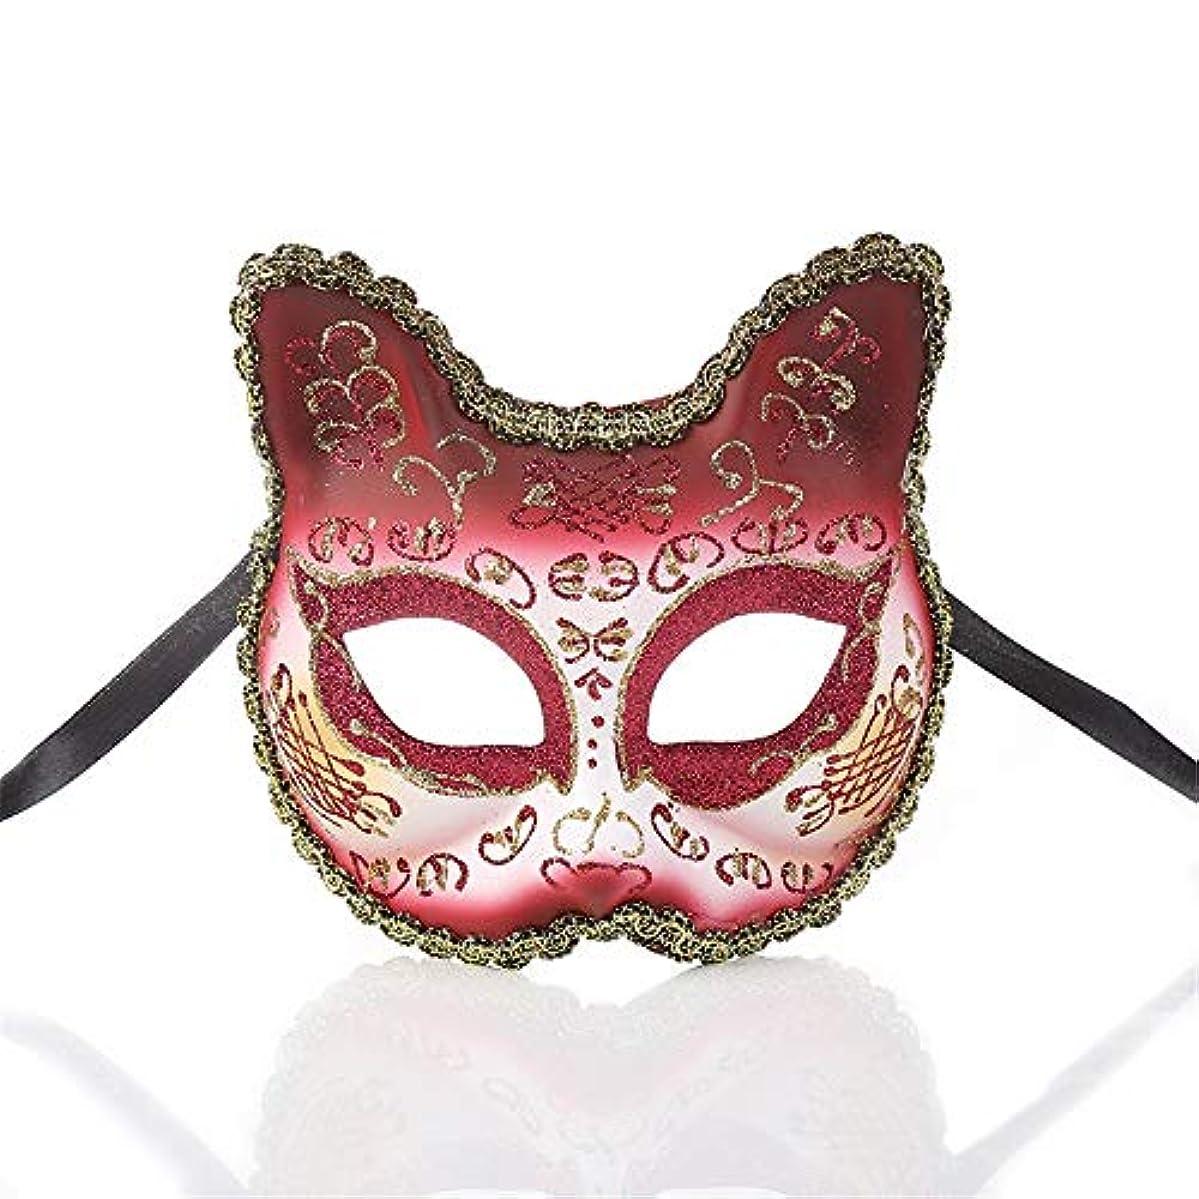 管理者慈悲マオリダンスマスク ワイルドマスカレードロールプレイングパーティーの小道具ナイトクラブのマスクの雰囲気クリスマスフェスティバルロールプレイングプラスチックマスク パーティーボールマスク (色 : ワインレッド, サイズ : 13x13cm)